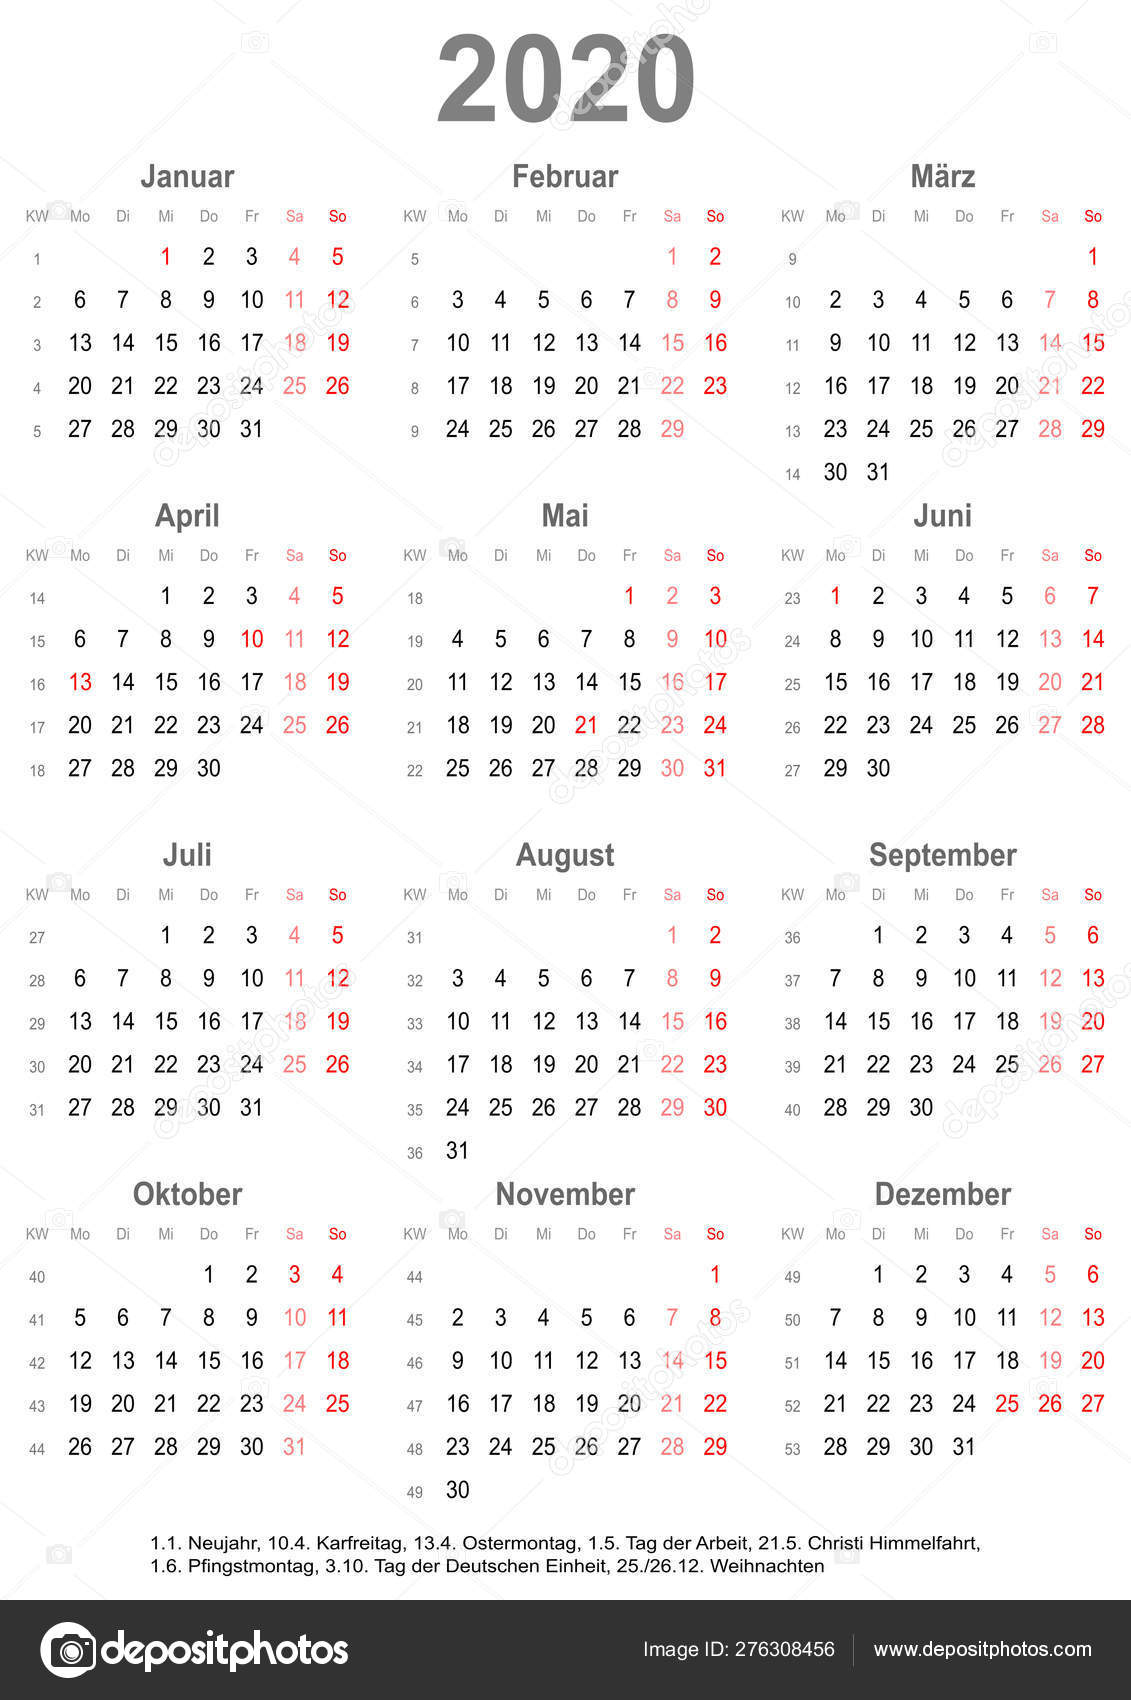 Calendrier 2020 Avec Jour Ferie.Calendrier Simple 2020 Avec Jours Feries Pour L Allemagne